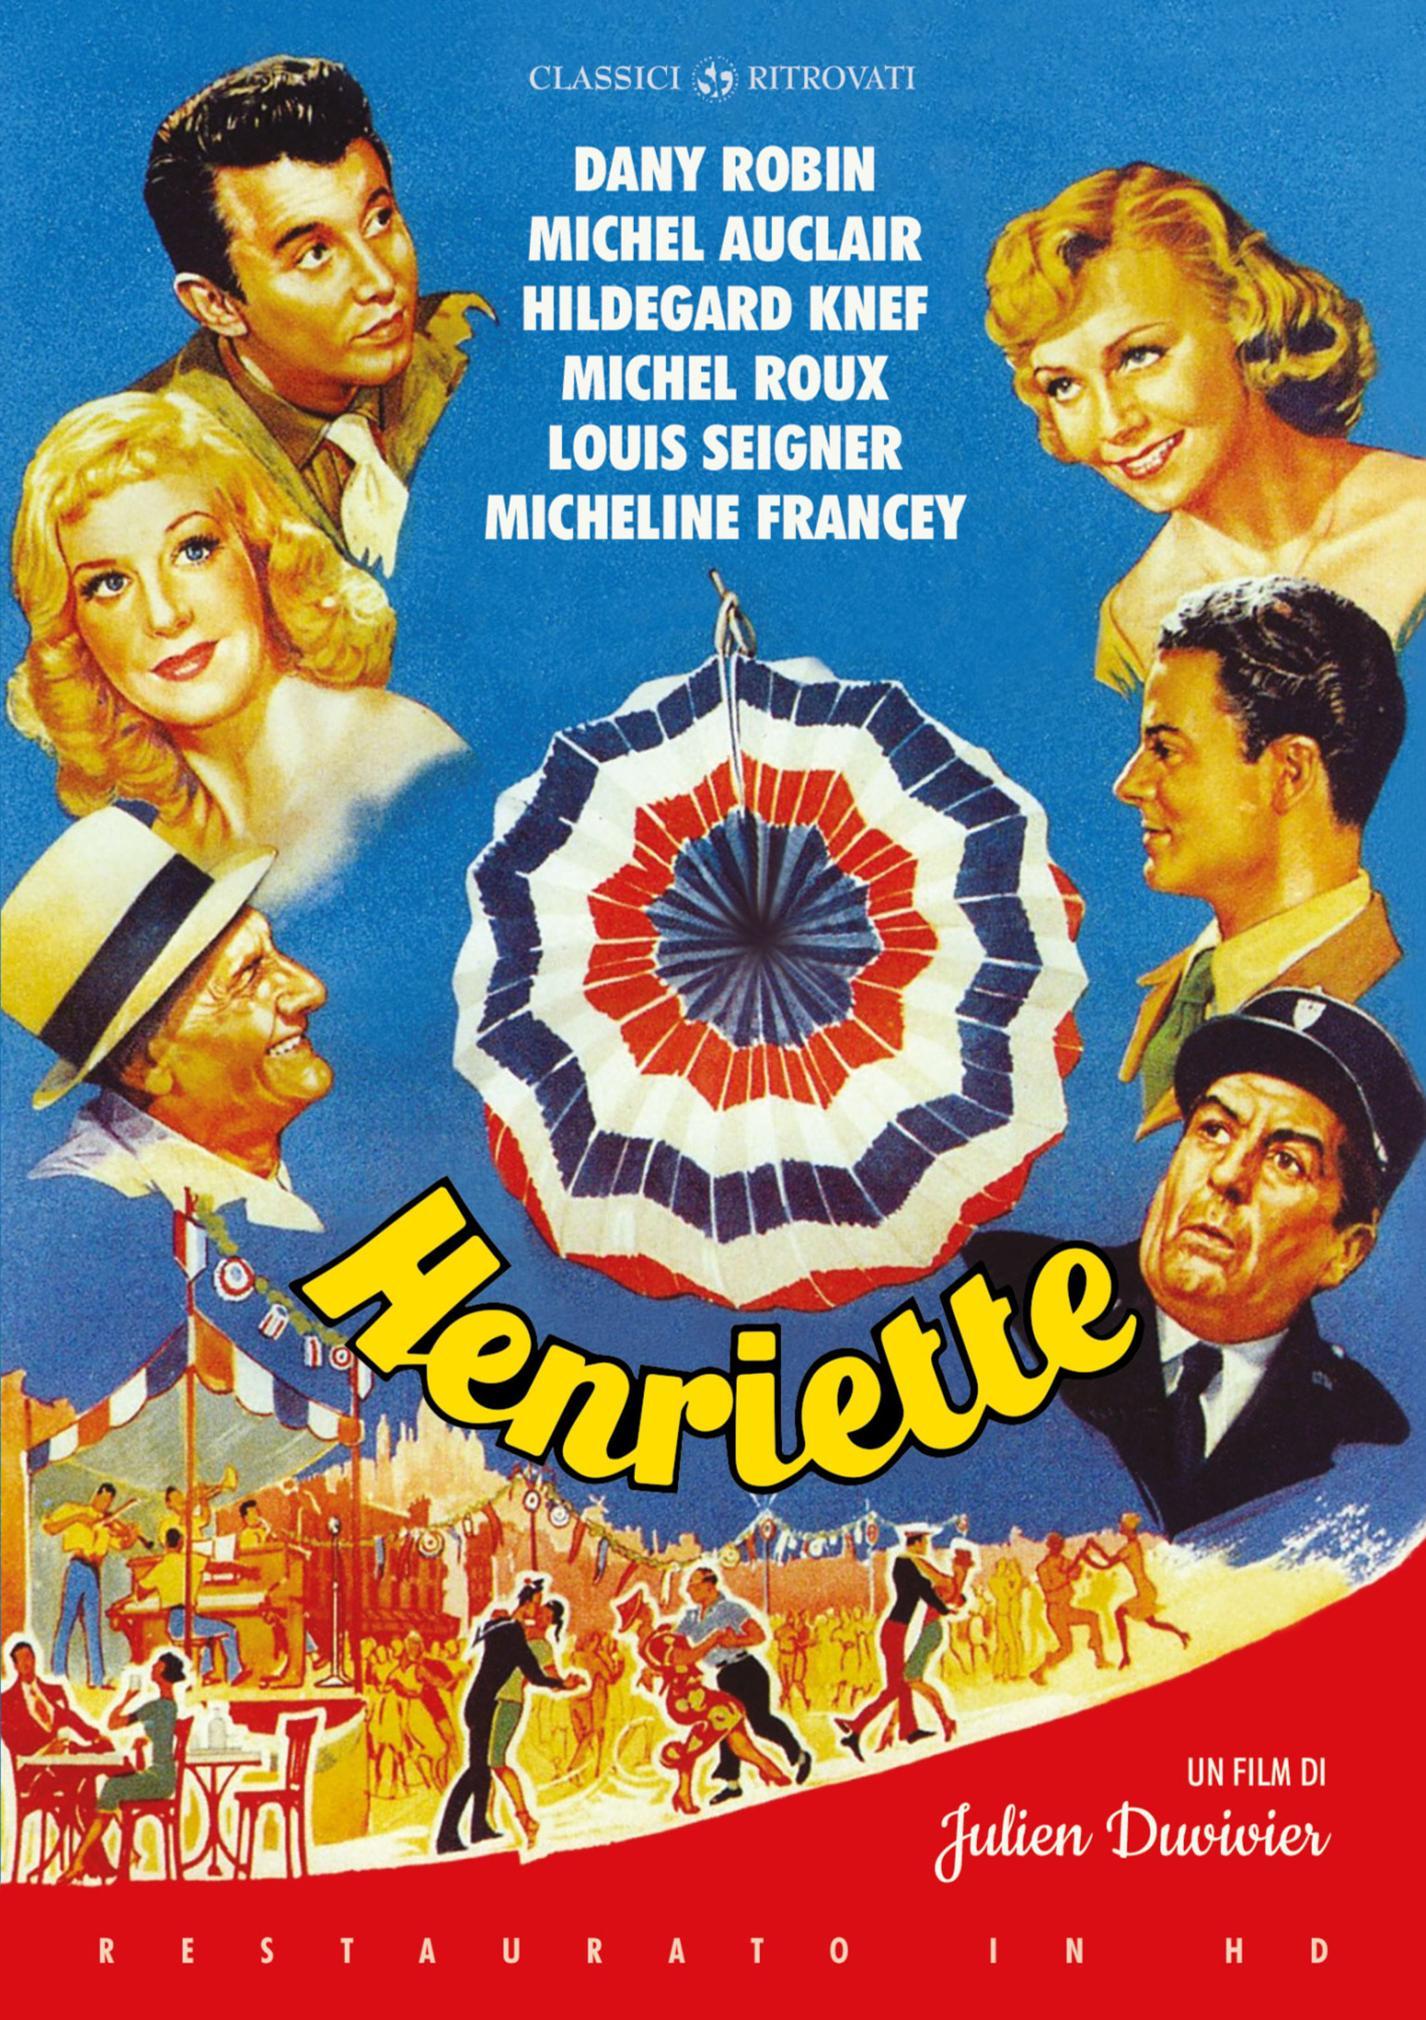 HENRIETTE (RESTAURATO IN HD) (DVD)